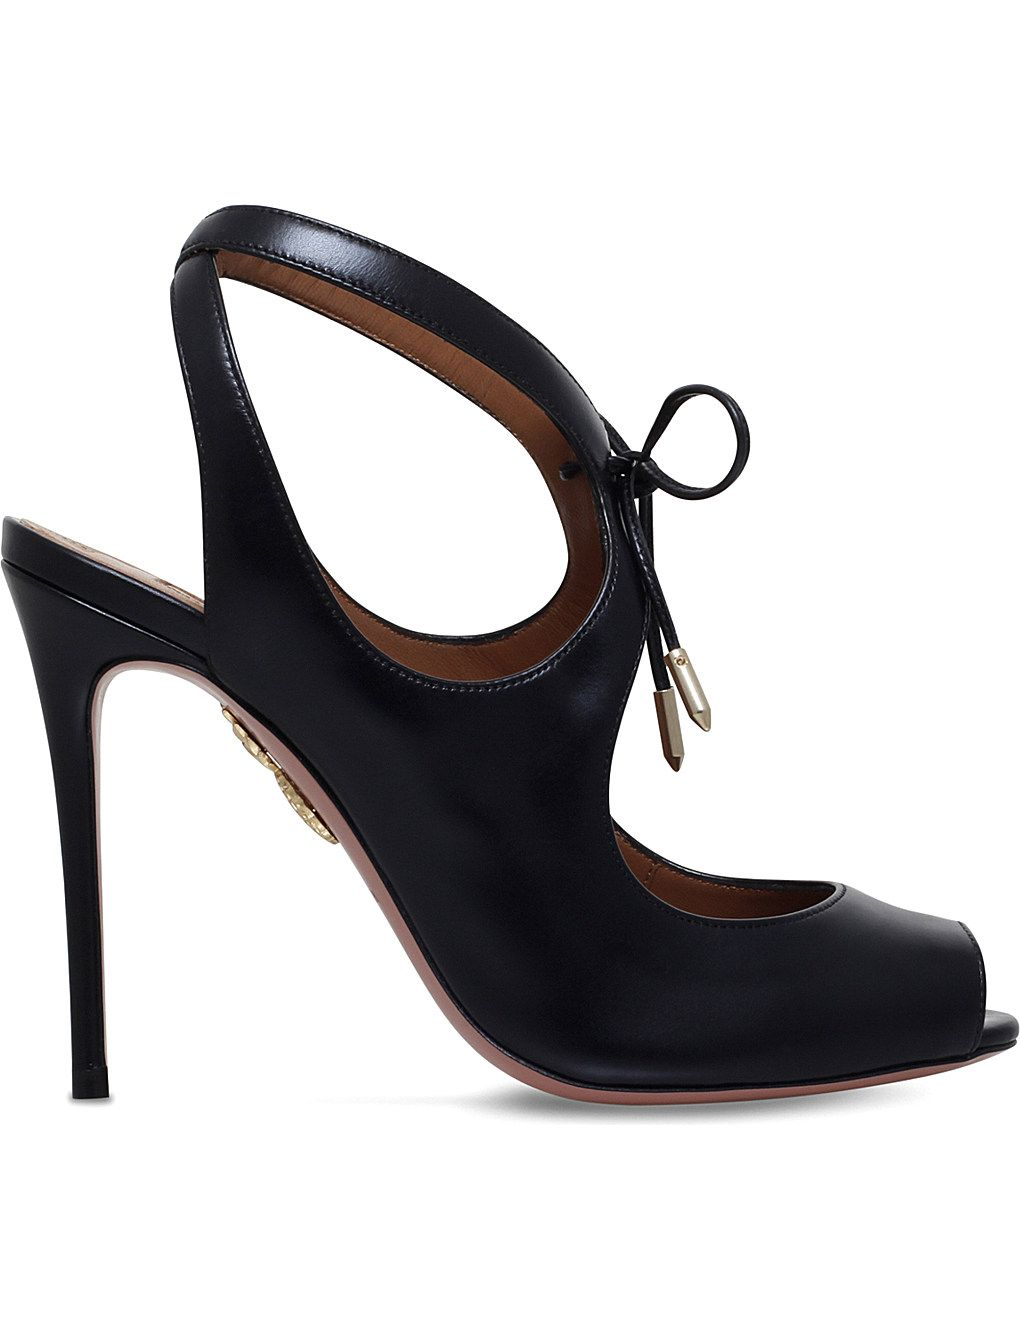 Shoes | Women\u0026#39;s Boots \u0026amp; Heels